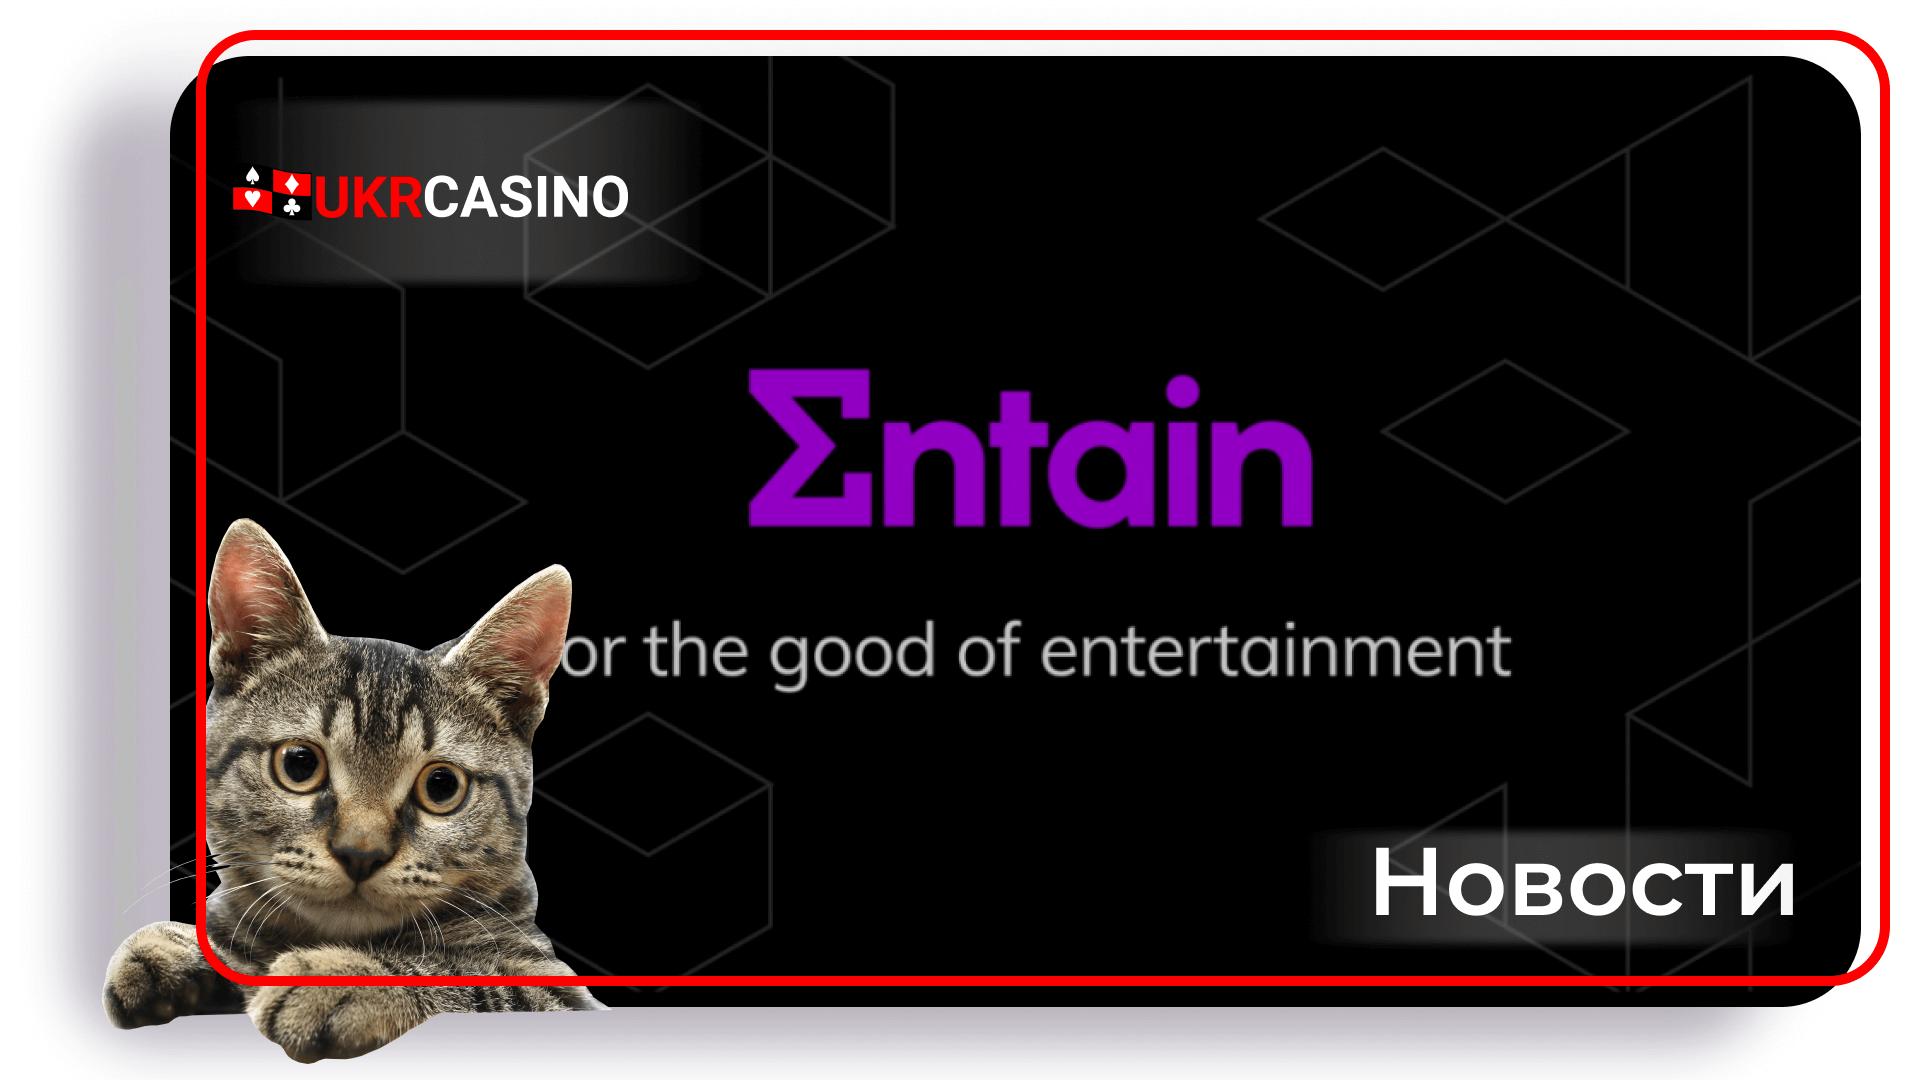 Ответственное отношение к азартным играм с клиентами увеличивается